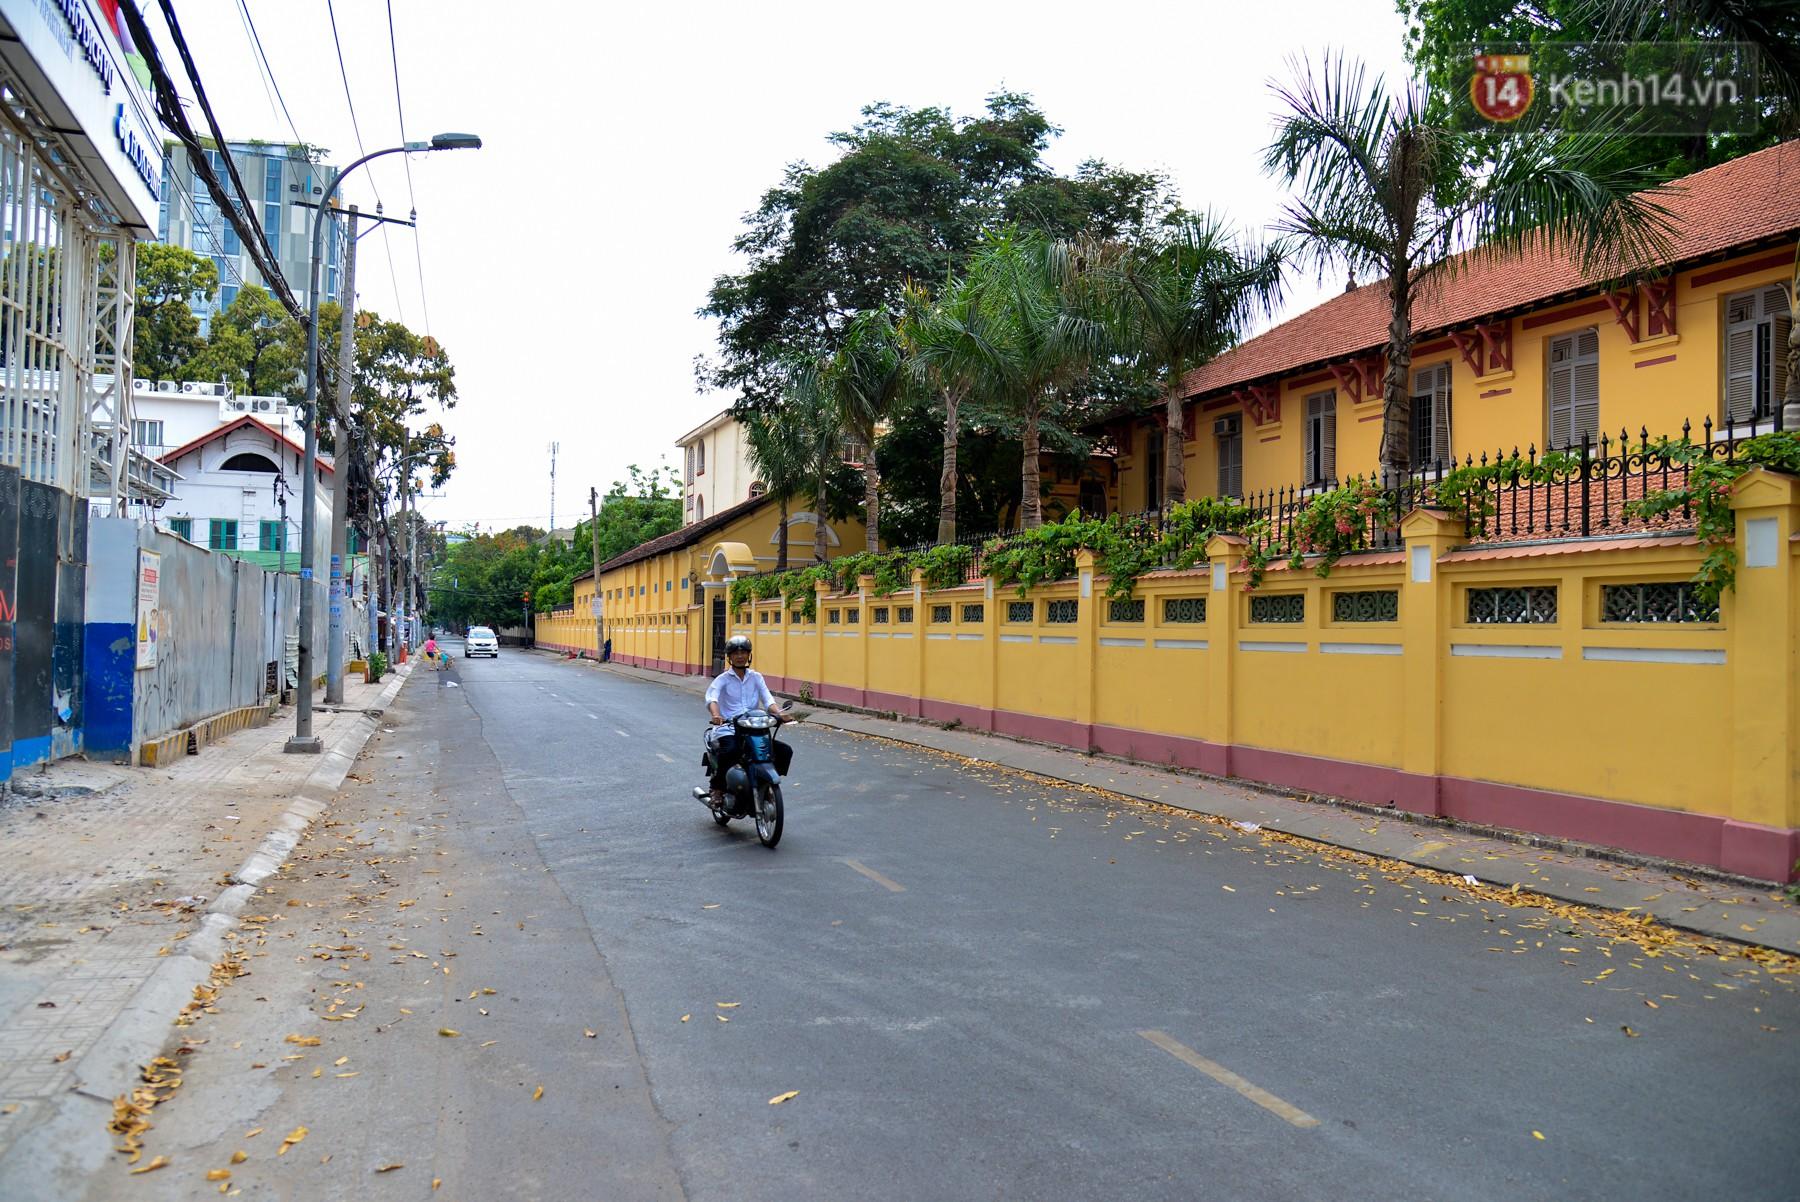 Chùm ảnh: Những ngày này, có một Sài Gòn tĩnh lặng lạ thường khi người dân đã rủ nhau đi trốn - Ảnh 6.